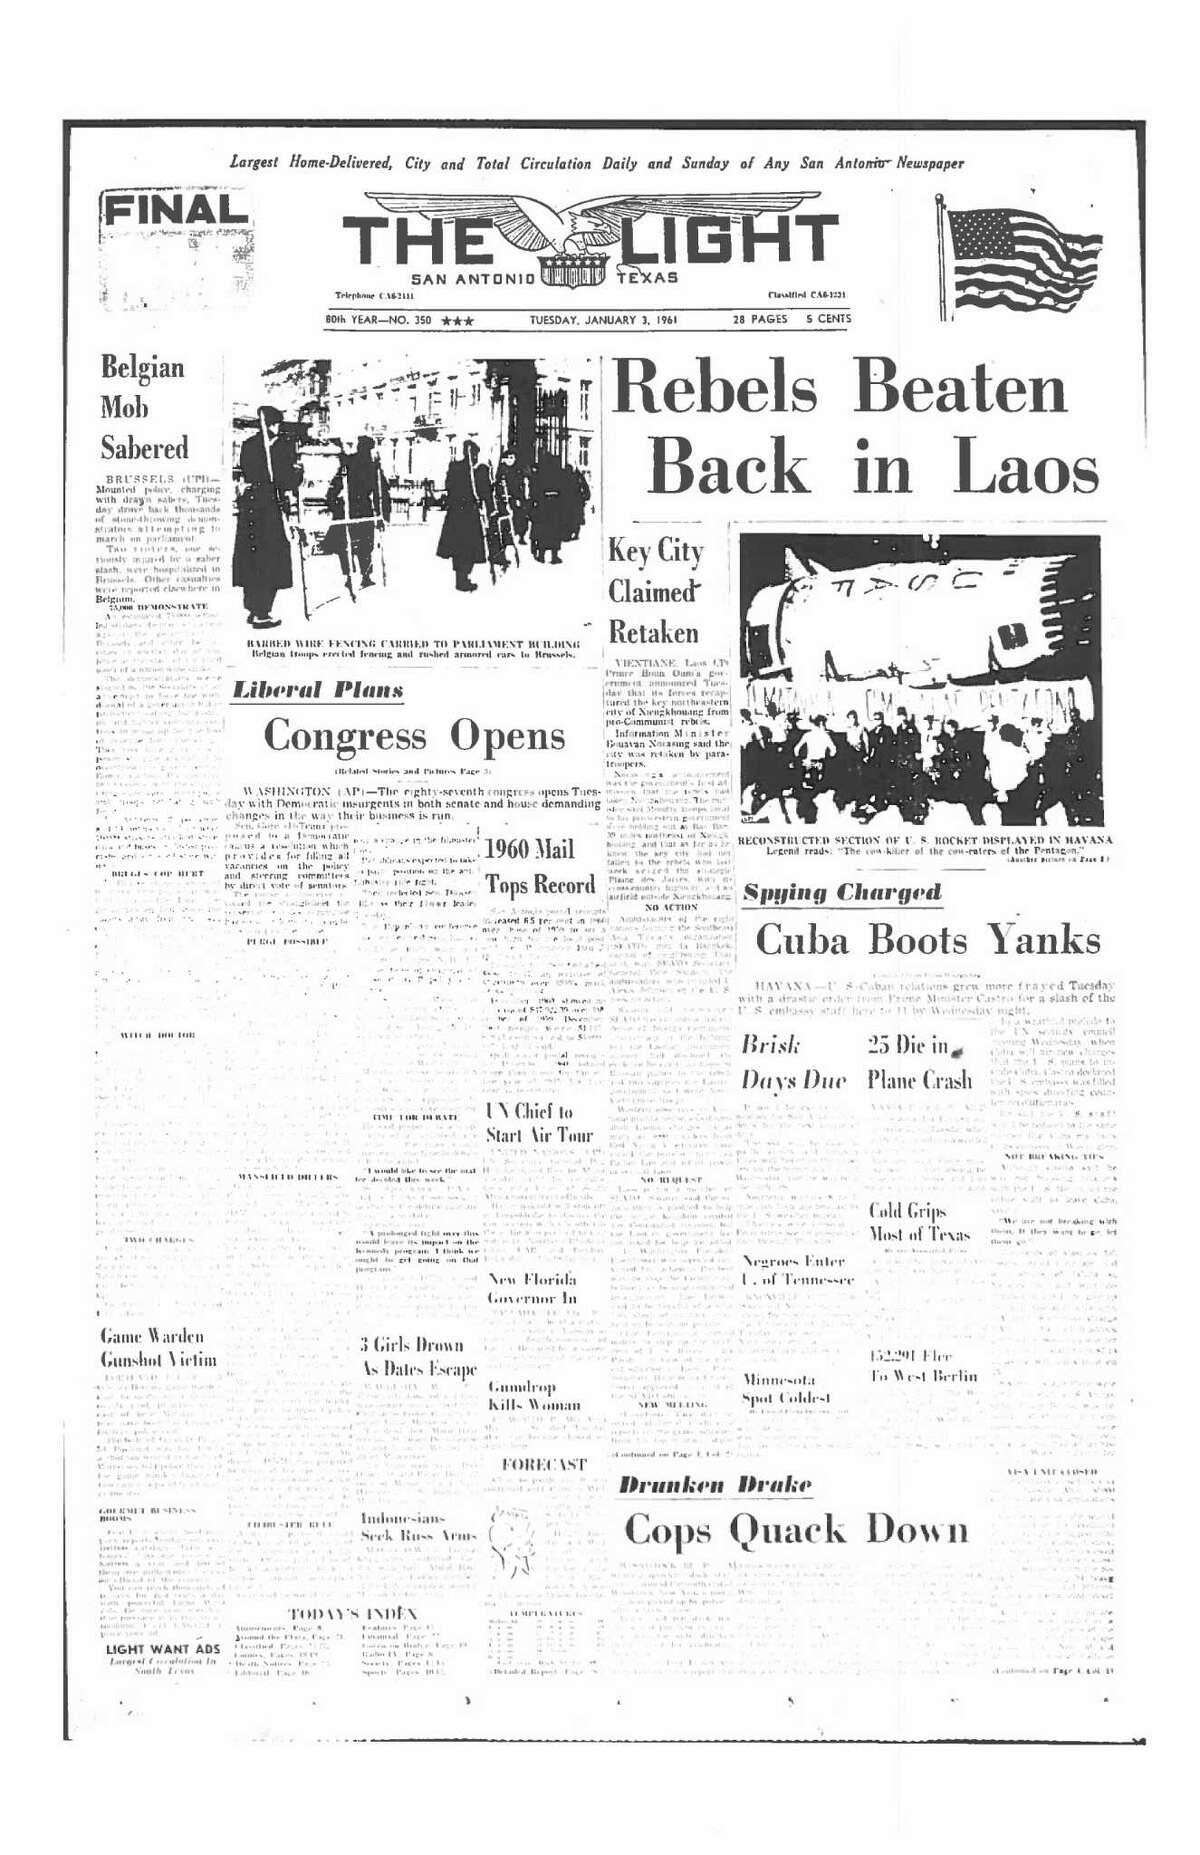 Jan. 3, 1961: Cuba Boots Yanks